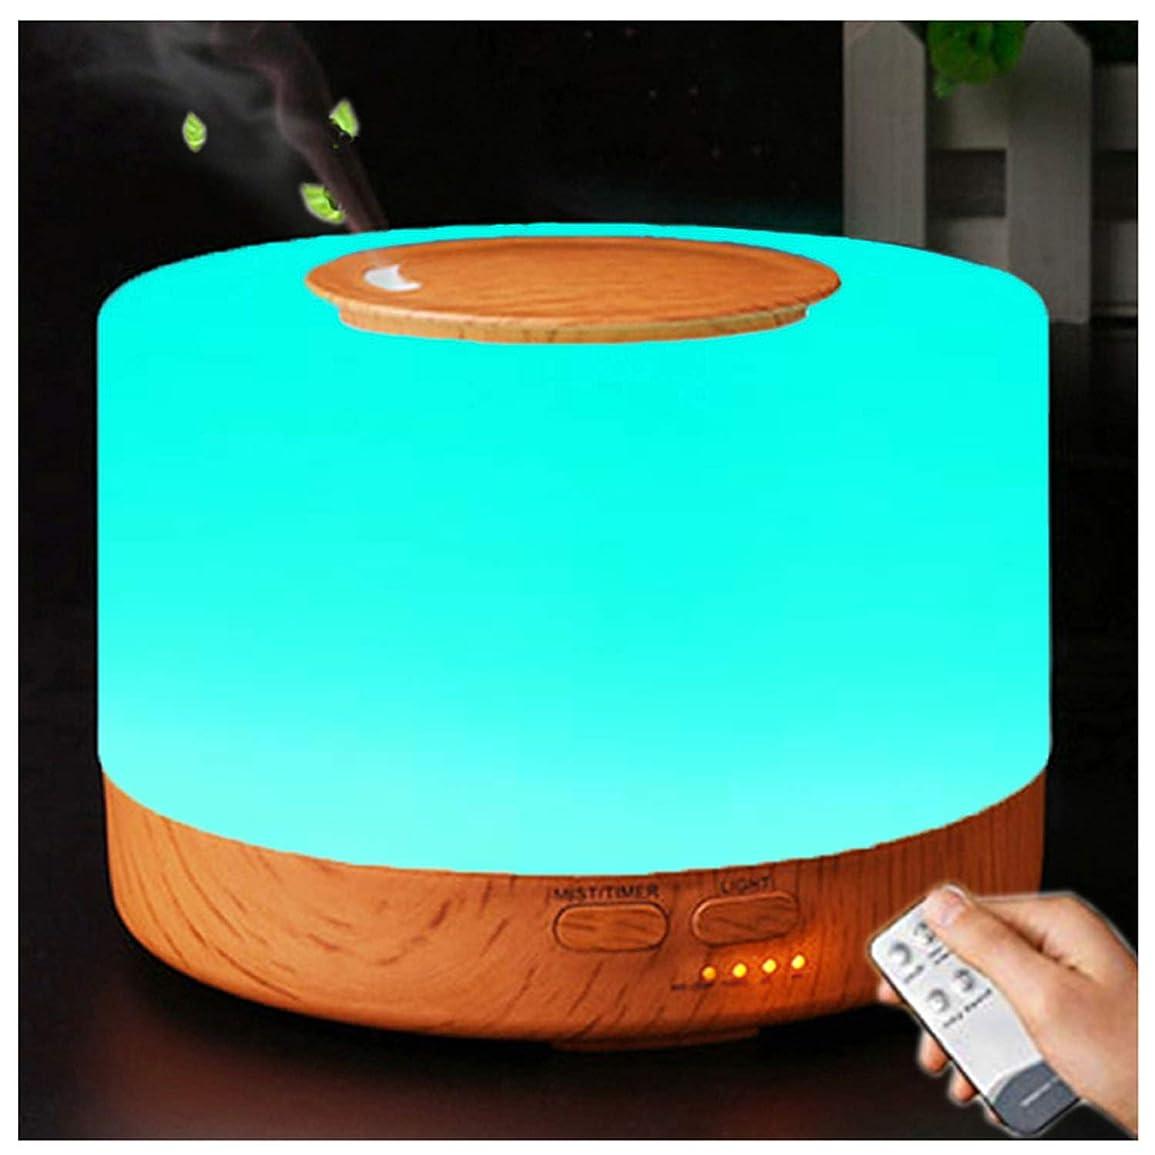 寄付リル万歳アロマディフューザー 加湿器, 卓上 大容量 超音波加湿器, 500ML 保湿 時間設定 空焚き防止 7色変換LED搭載 (木目調)